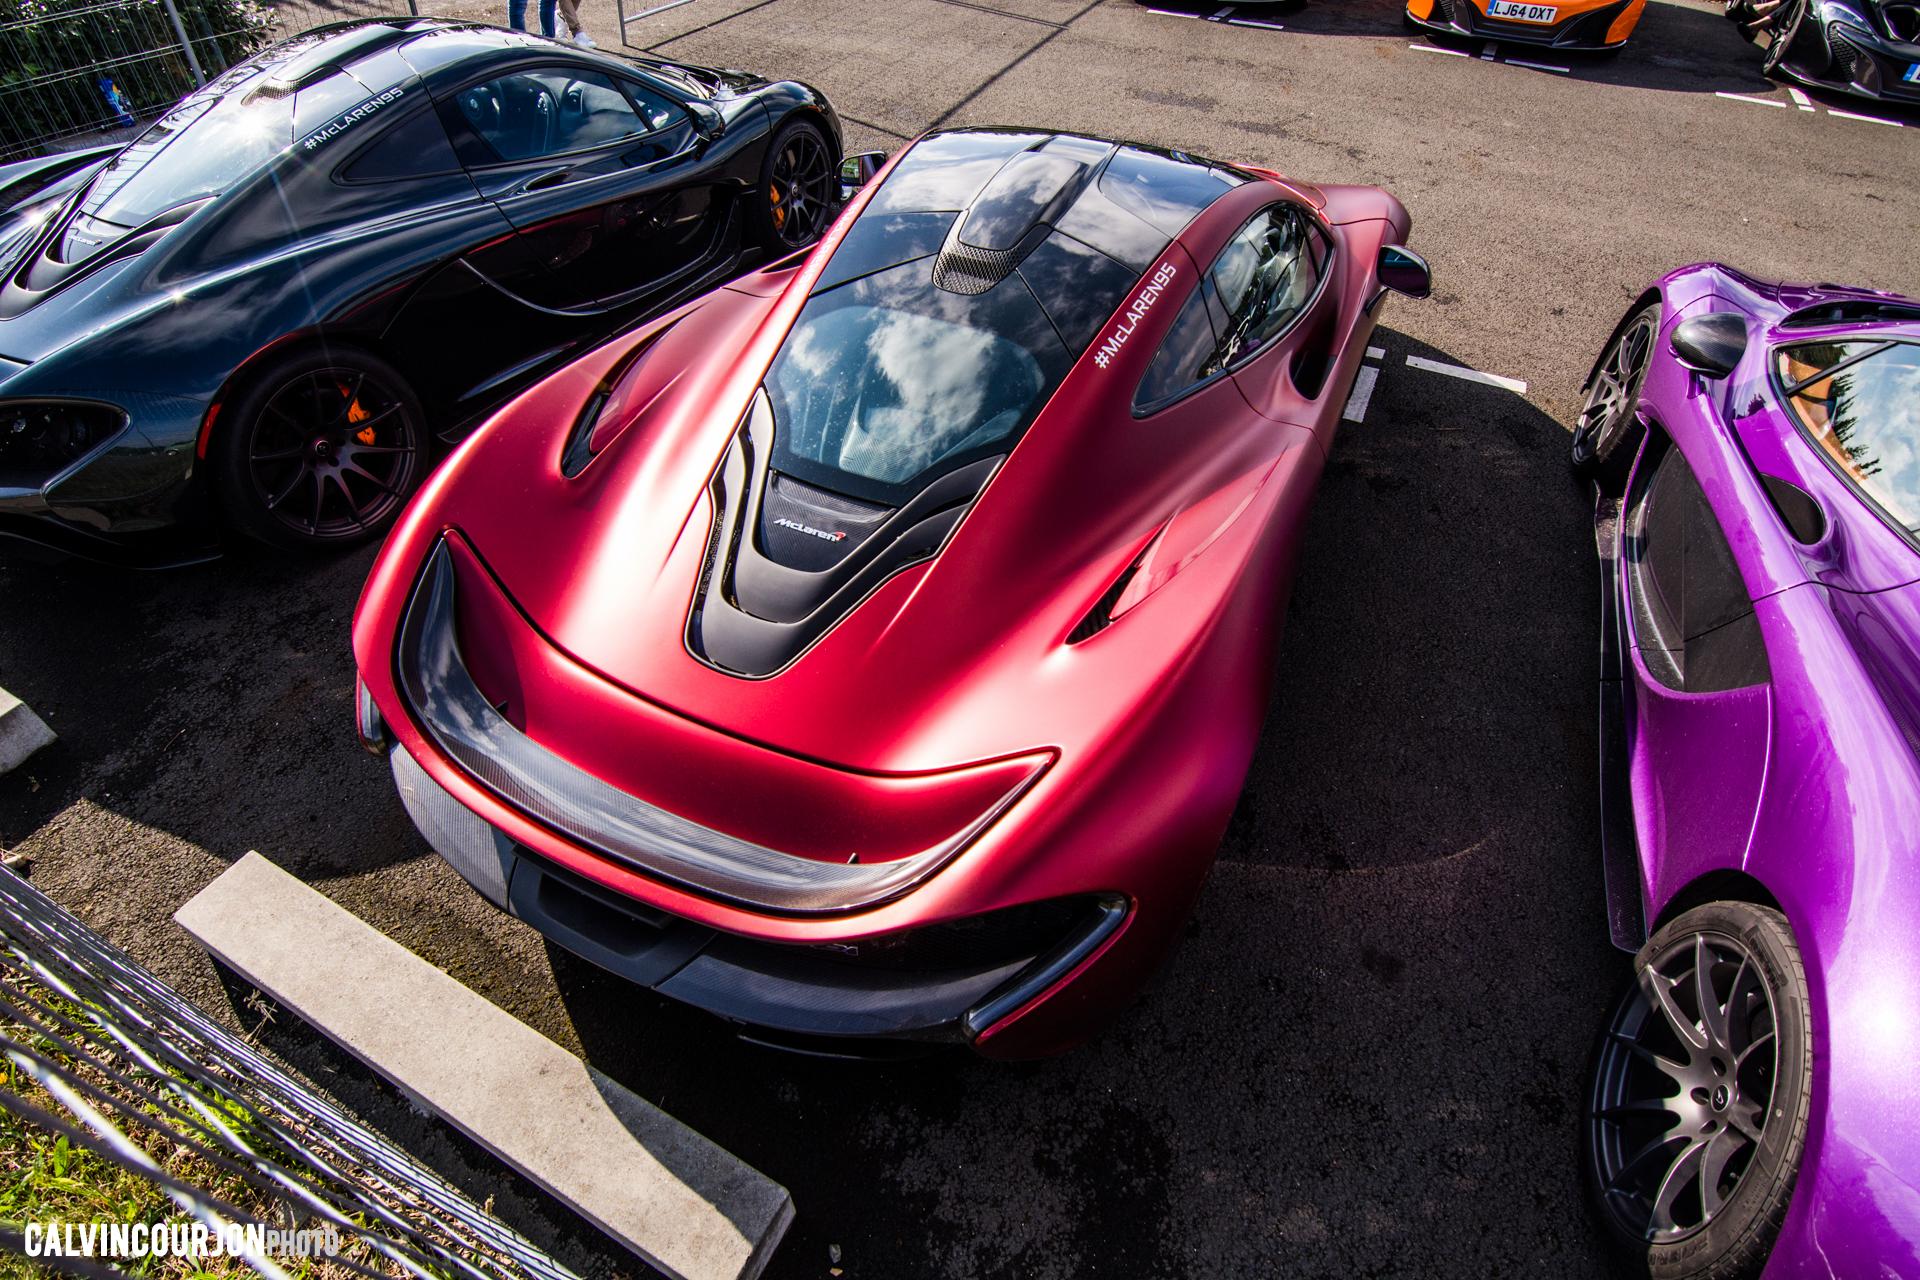 McLaren P1 - Satin Volcano Red by MSO - McLaren95 parade - Le Mans - 2015 - photo Calvin Courjon